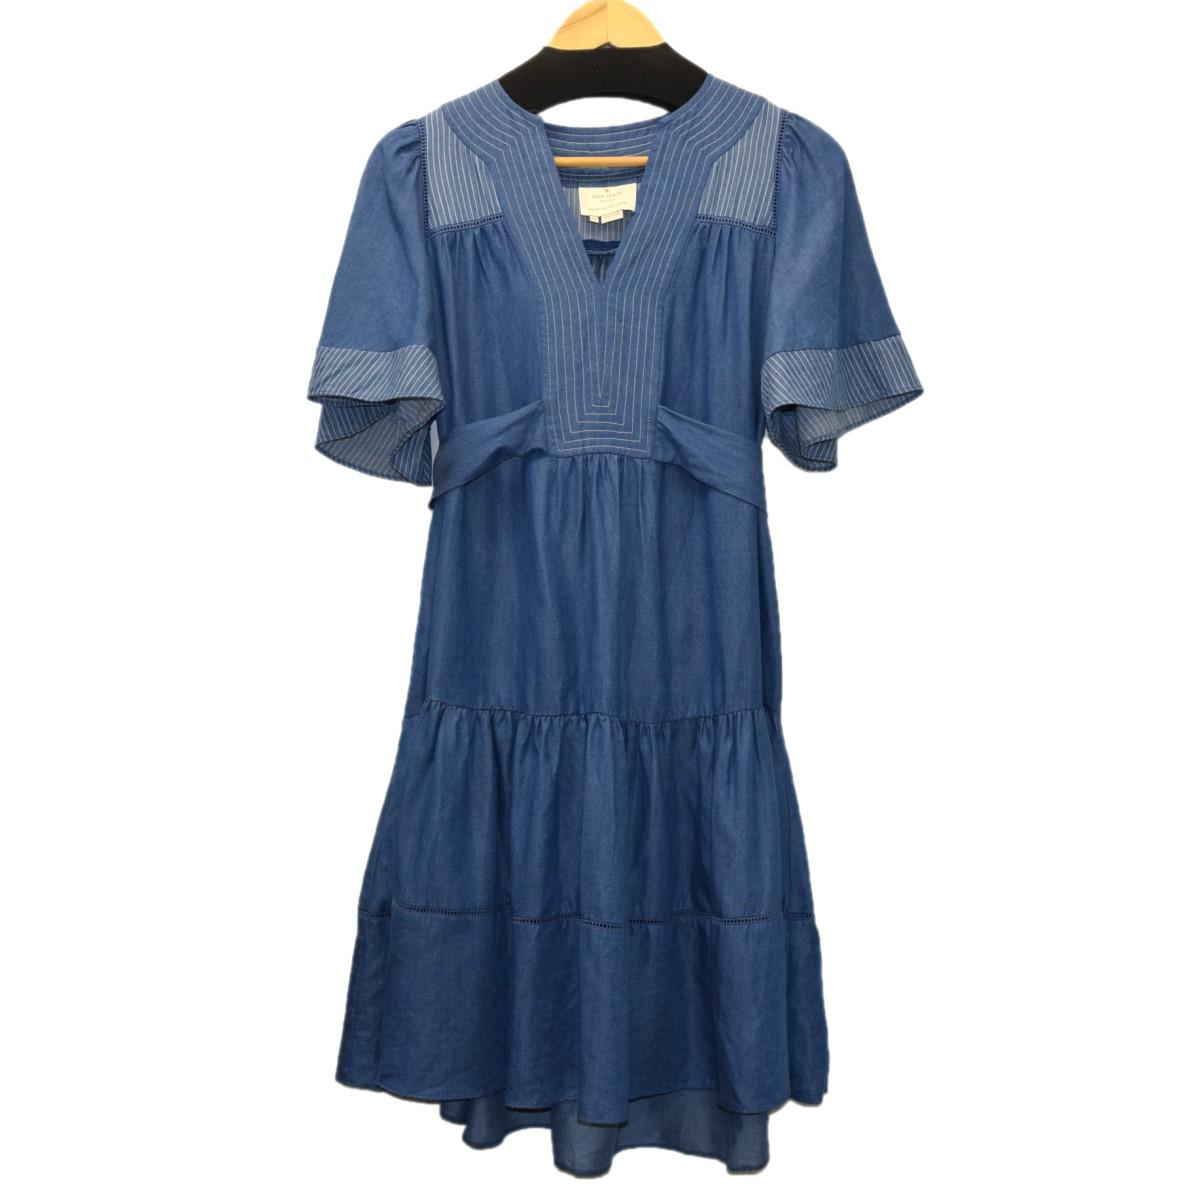 【中古】Kate spade インディゴレイルロードドレス インディゴ サイズ:XS 【130620】(ケイトスペード)